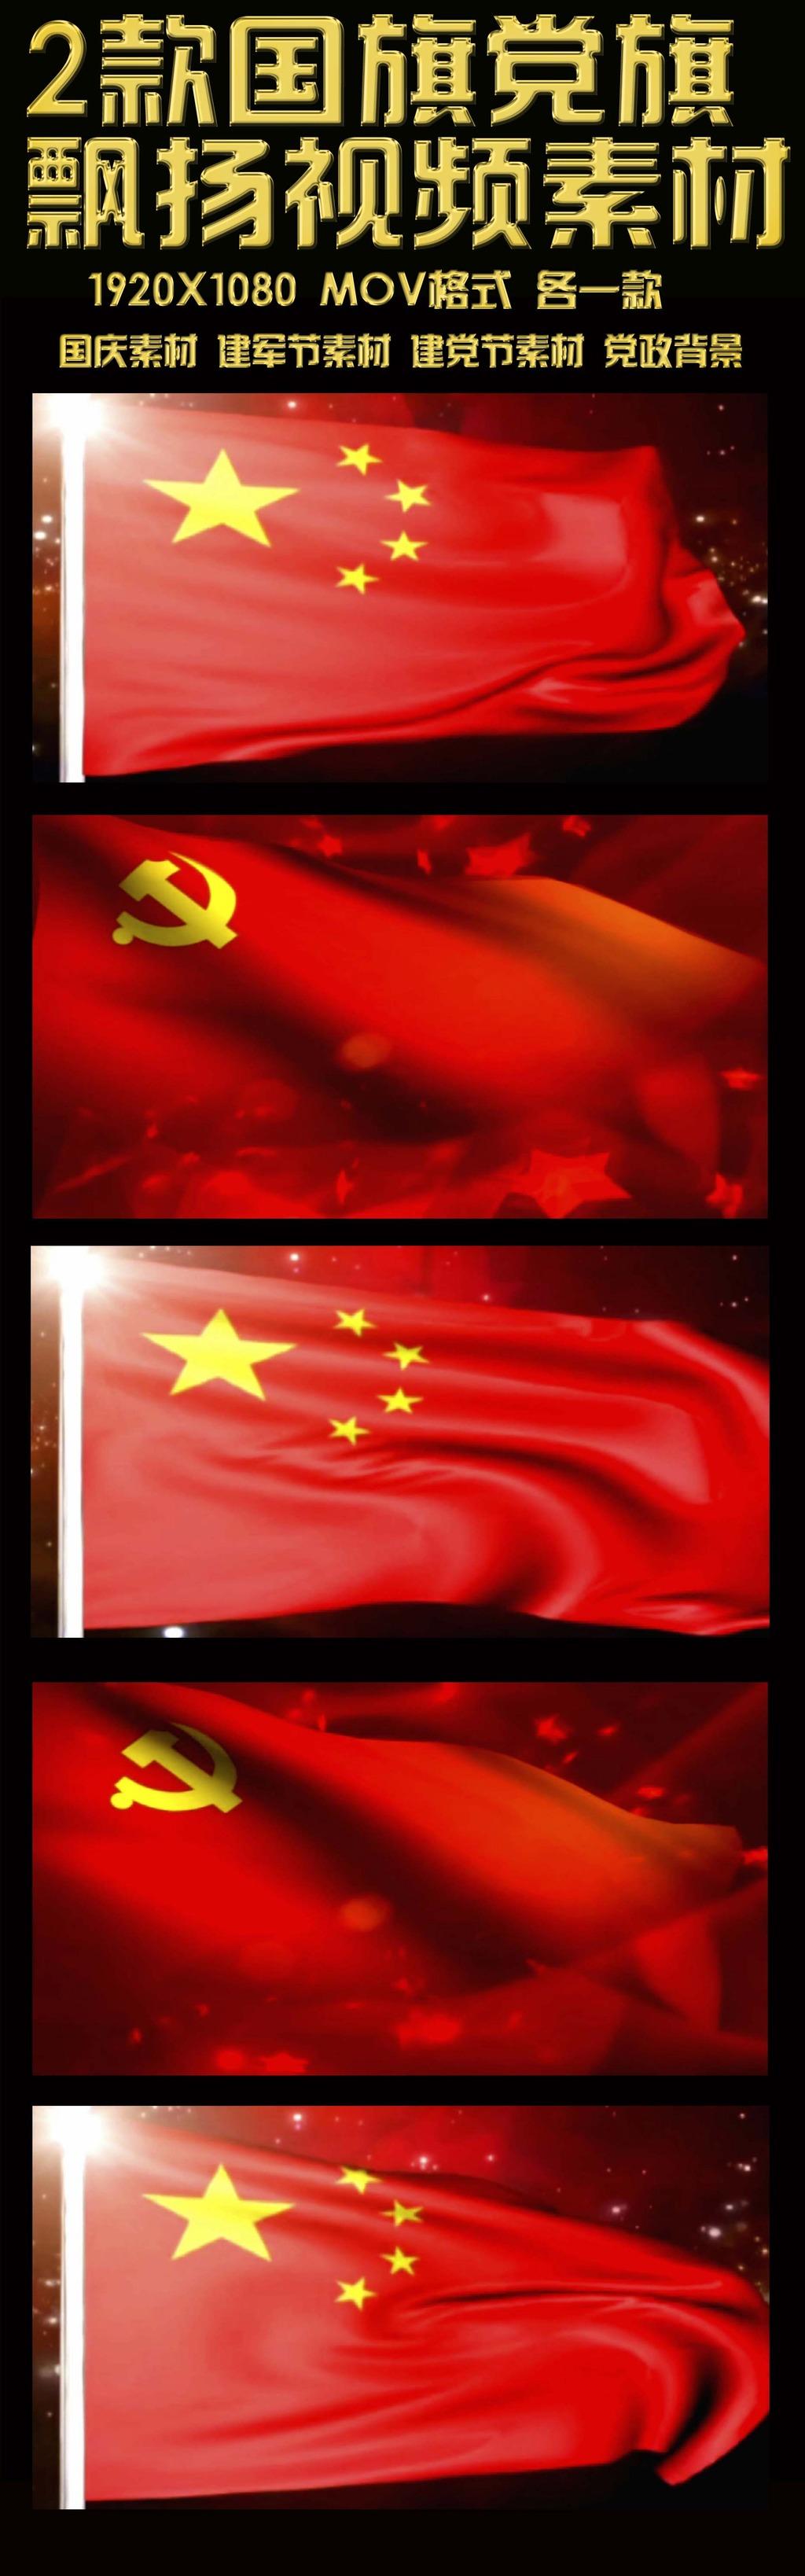 国旗党旗图片